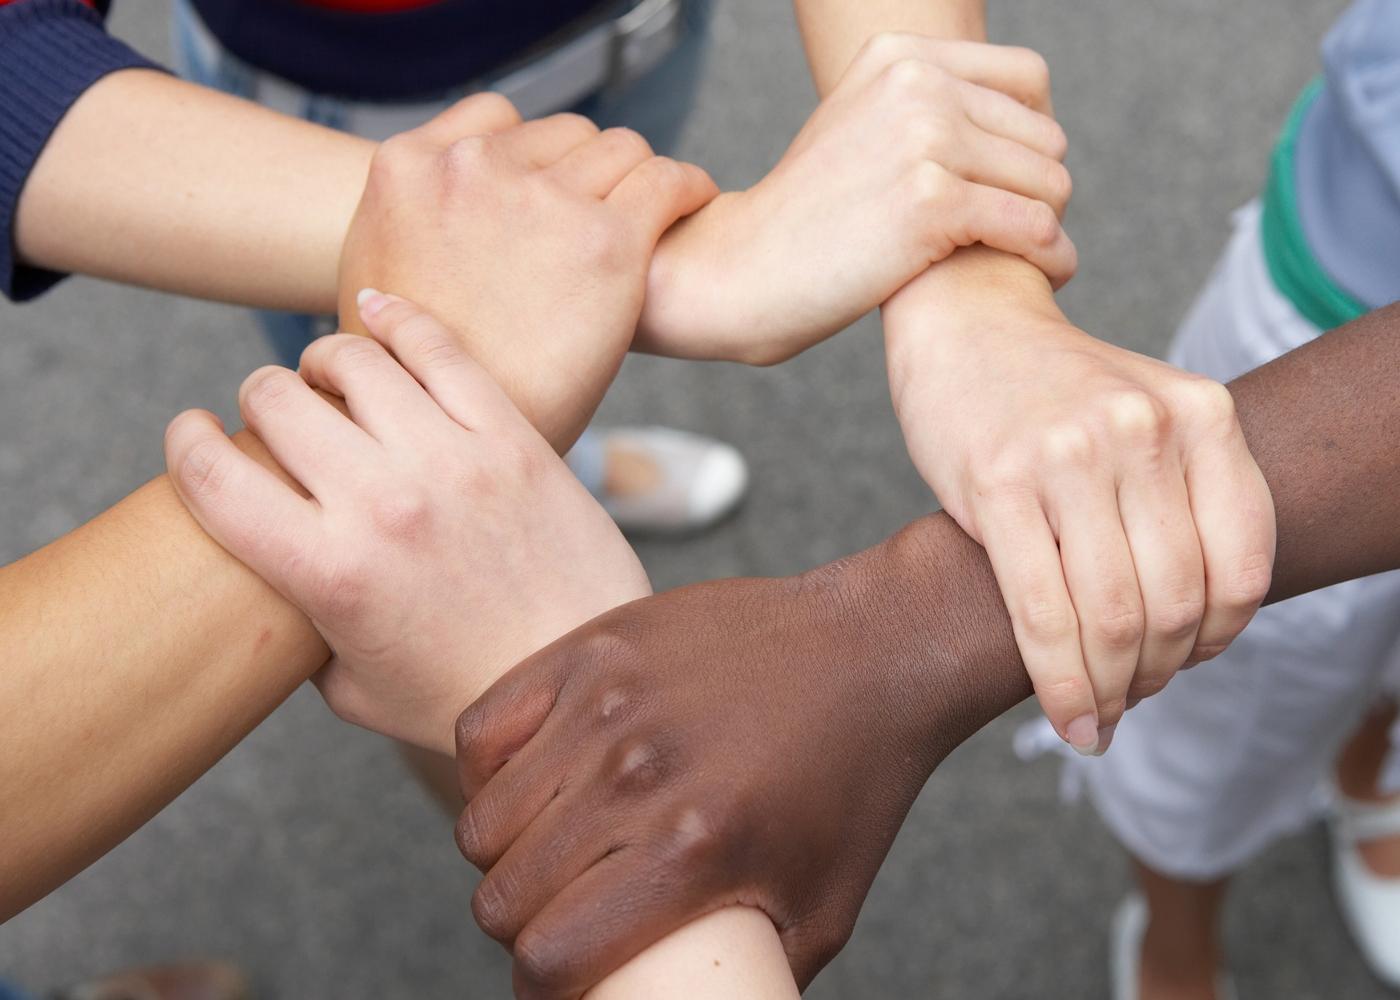 Jovens de mãos dadas